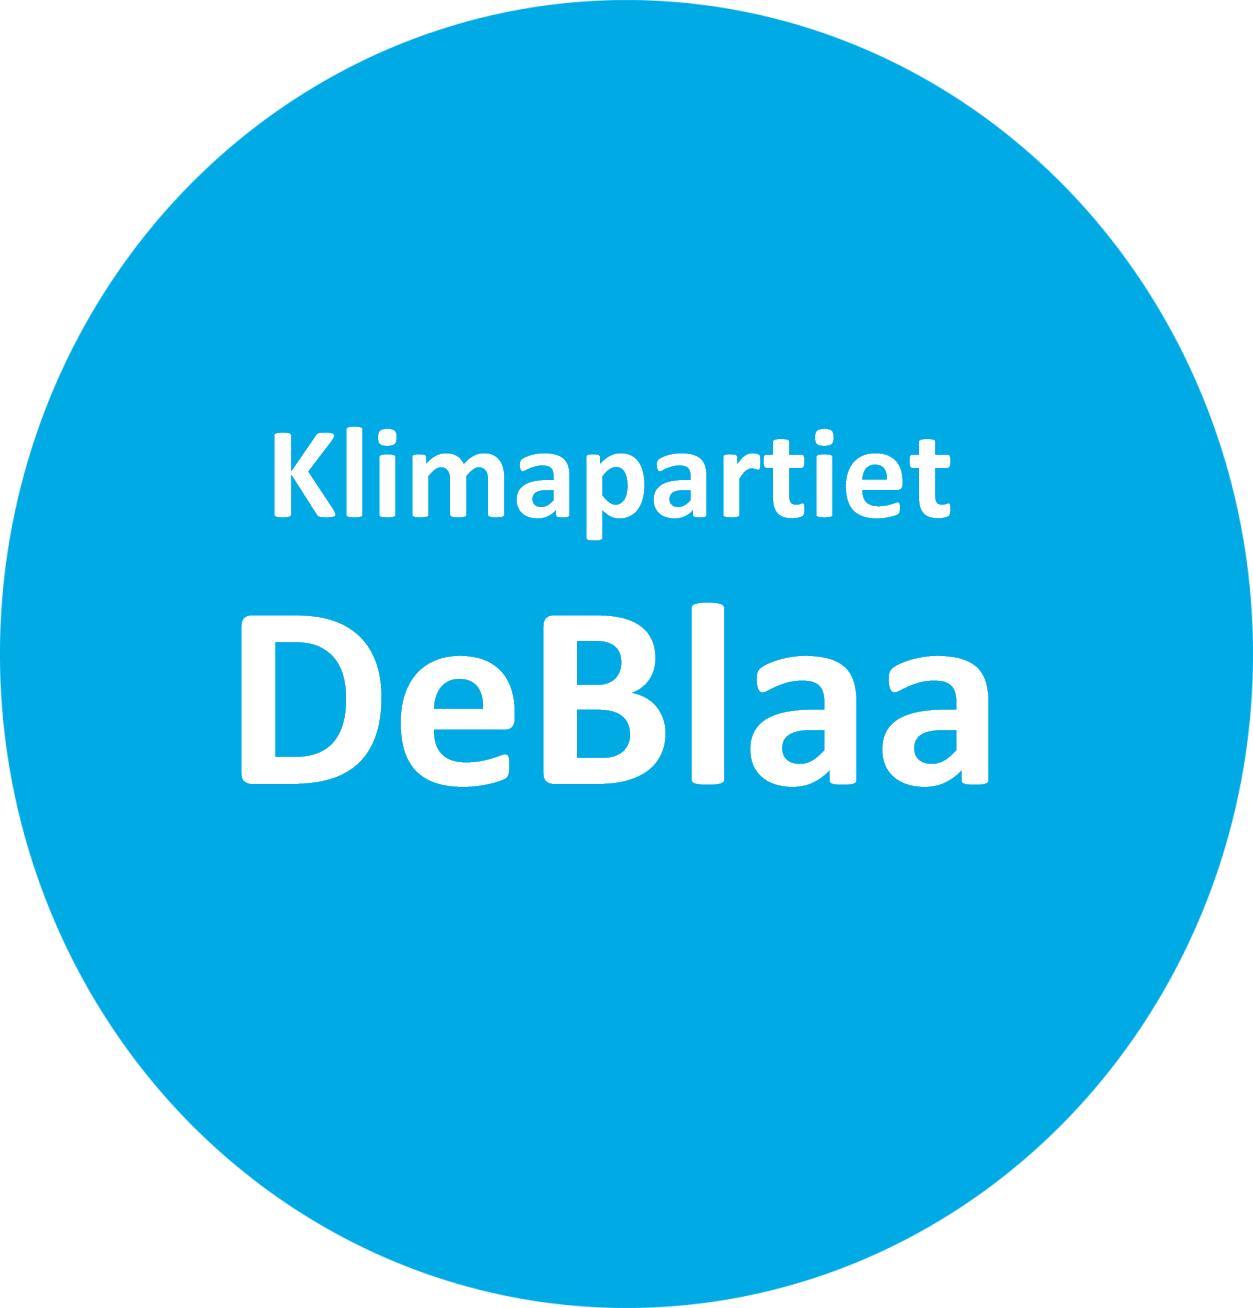 Klimapartiet DeBlaa